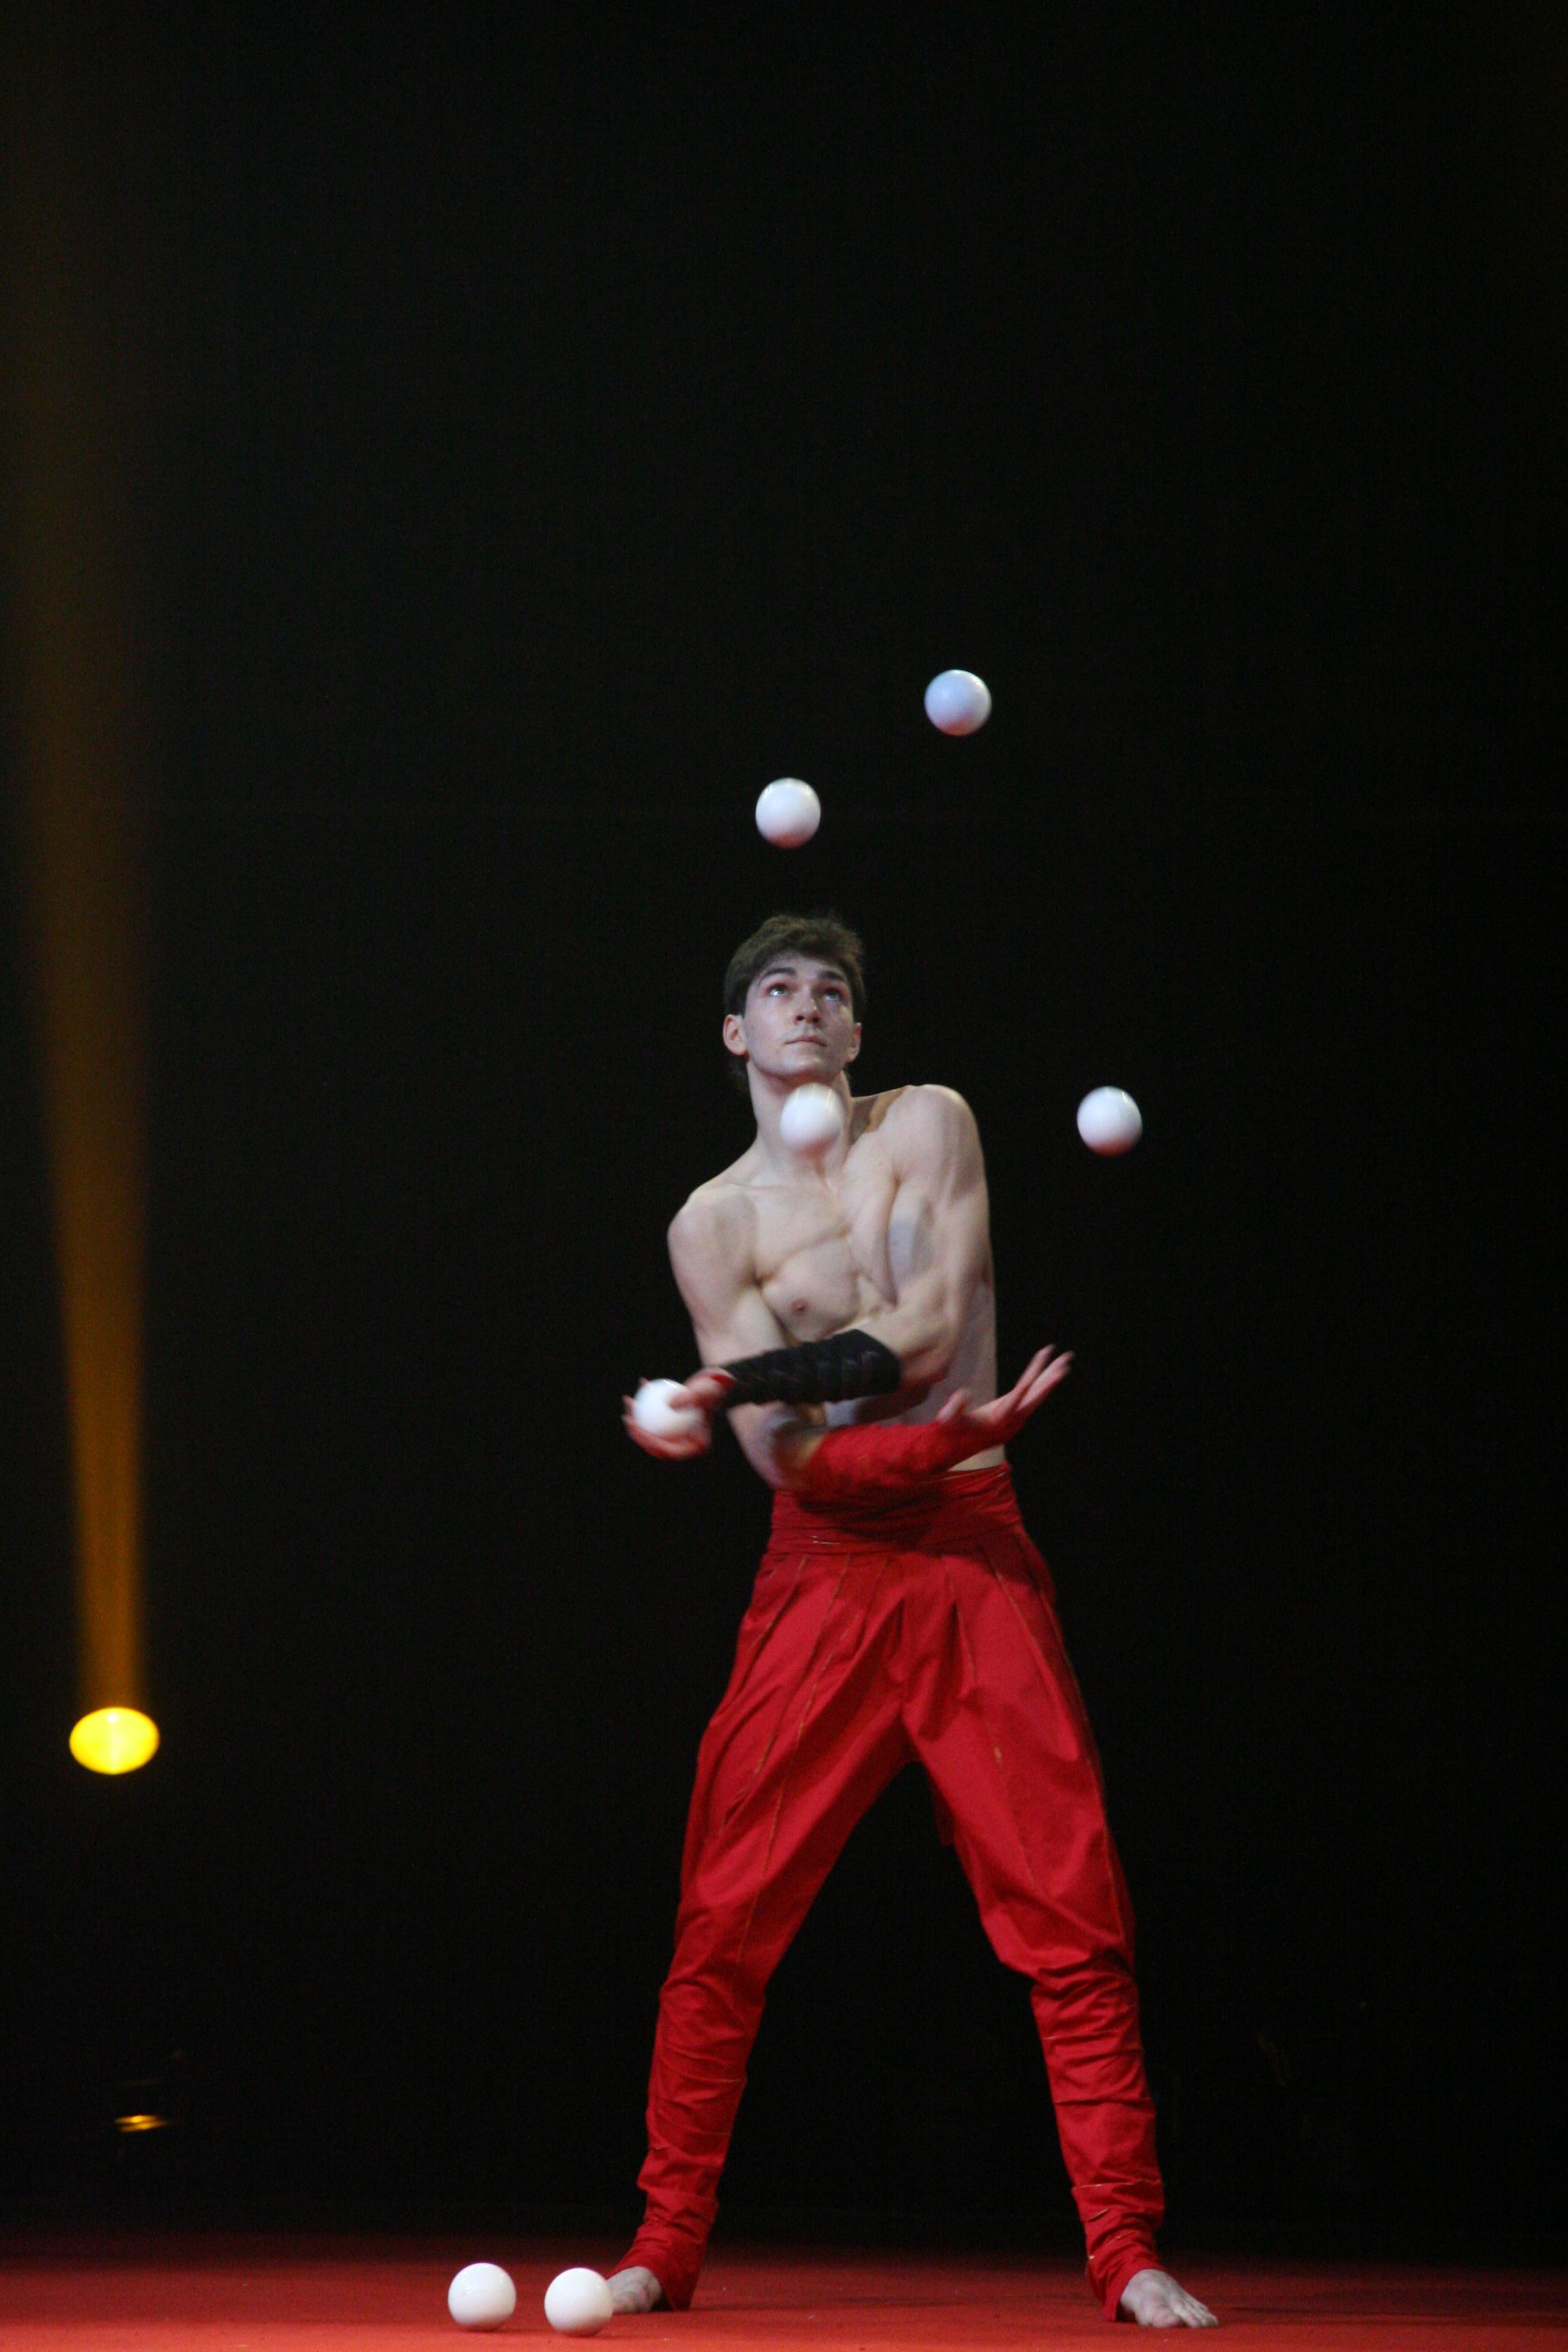 Au festival mondial du cirque de demain 2013 cirque a - Image jongleur cirque ...